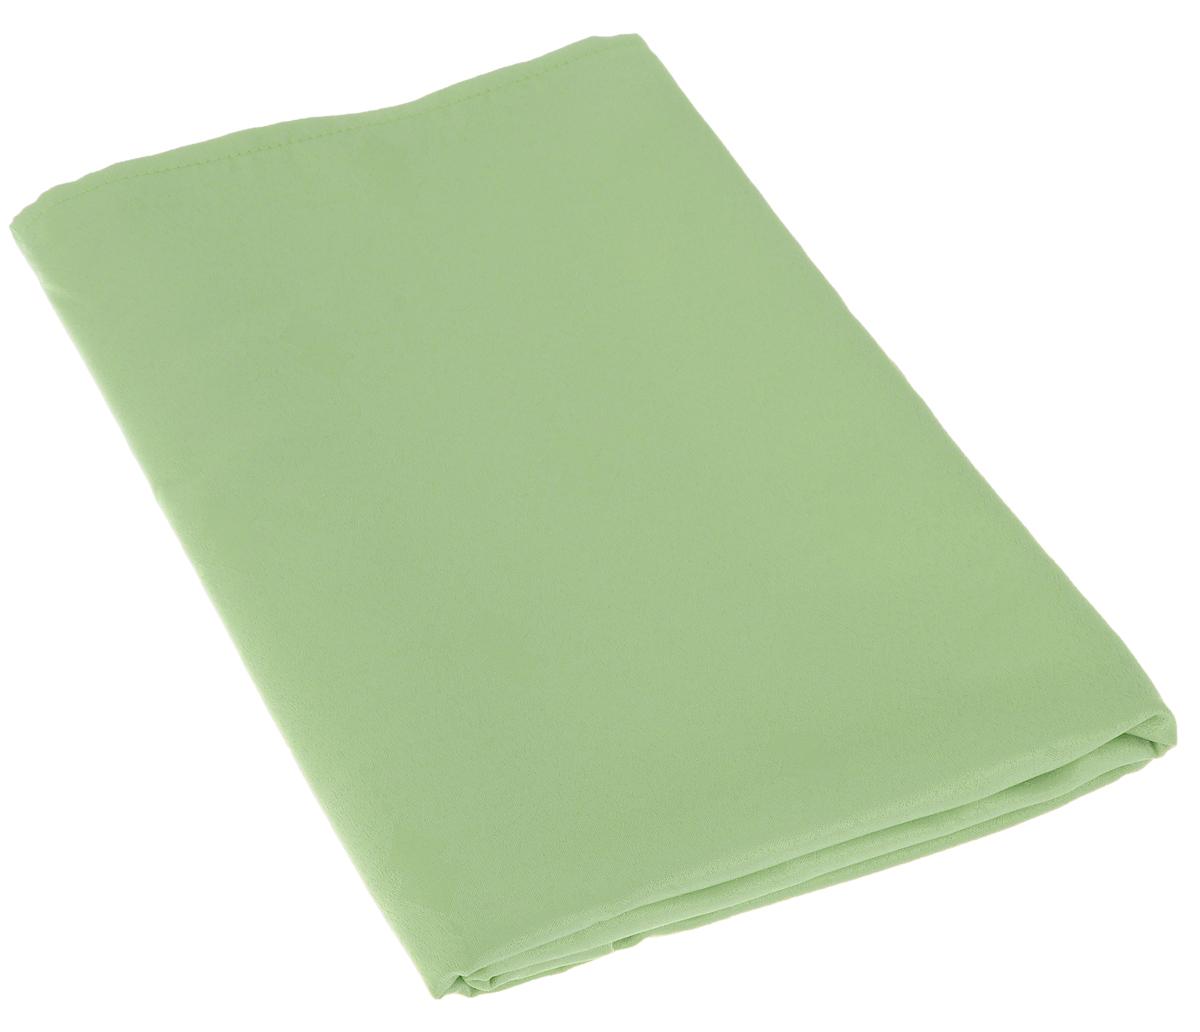 Скатерть Schaefer, прямоугольная, цвет: светло-зеленый, 130 х 160 см. 07509-427Ветерок 2ГФИзящная прямоугольная скатерть Schaefer, выполненная из плотного полиэстера, станет украшением кухонного стола. Изделие декорировано красивым узором в виде ромбов.За текстилем из полиэстера очень легко ухаживать: он не мнется, не садится и быстро сохнет, легко стирается, более долговечен, чем текстиль из натуральных волокон.Использование такой скатерти сделает застолье торжественным, поднимет настроение гостей и приятно удивит их вашим изысканным вкусом. Также вы можете использовать эту скатерть для повседневной трапезы, превратив каждый прием пищи в волшебный праздник и веселье. Это текстильное изделие станет изысканным украшением вашего дома!